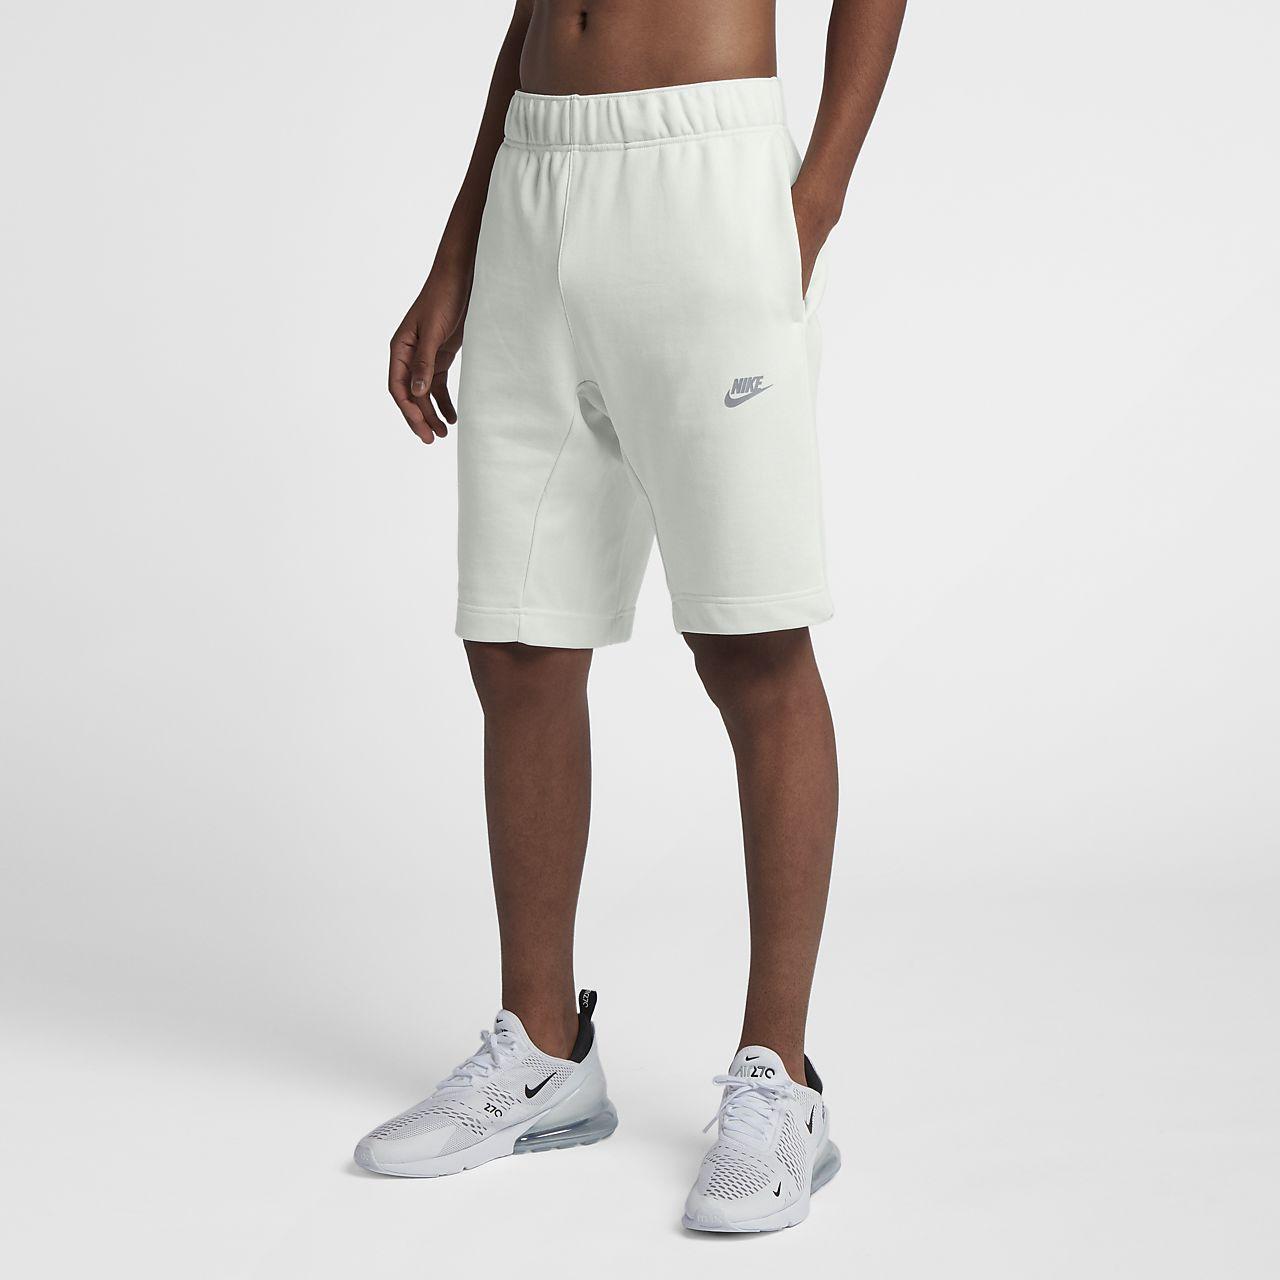 Nike Air Max-shorts til mænd